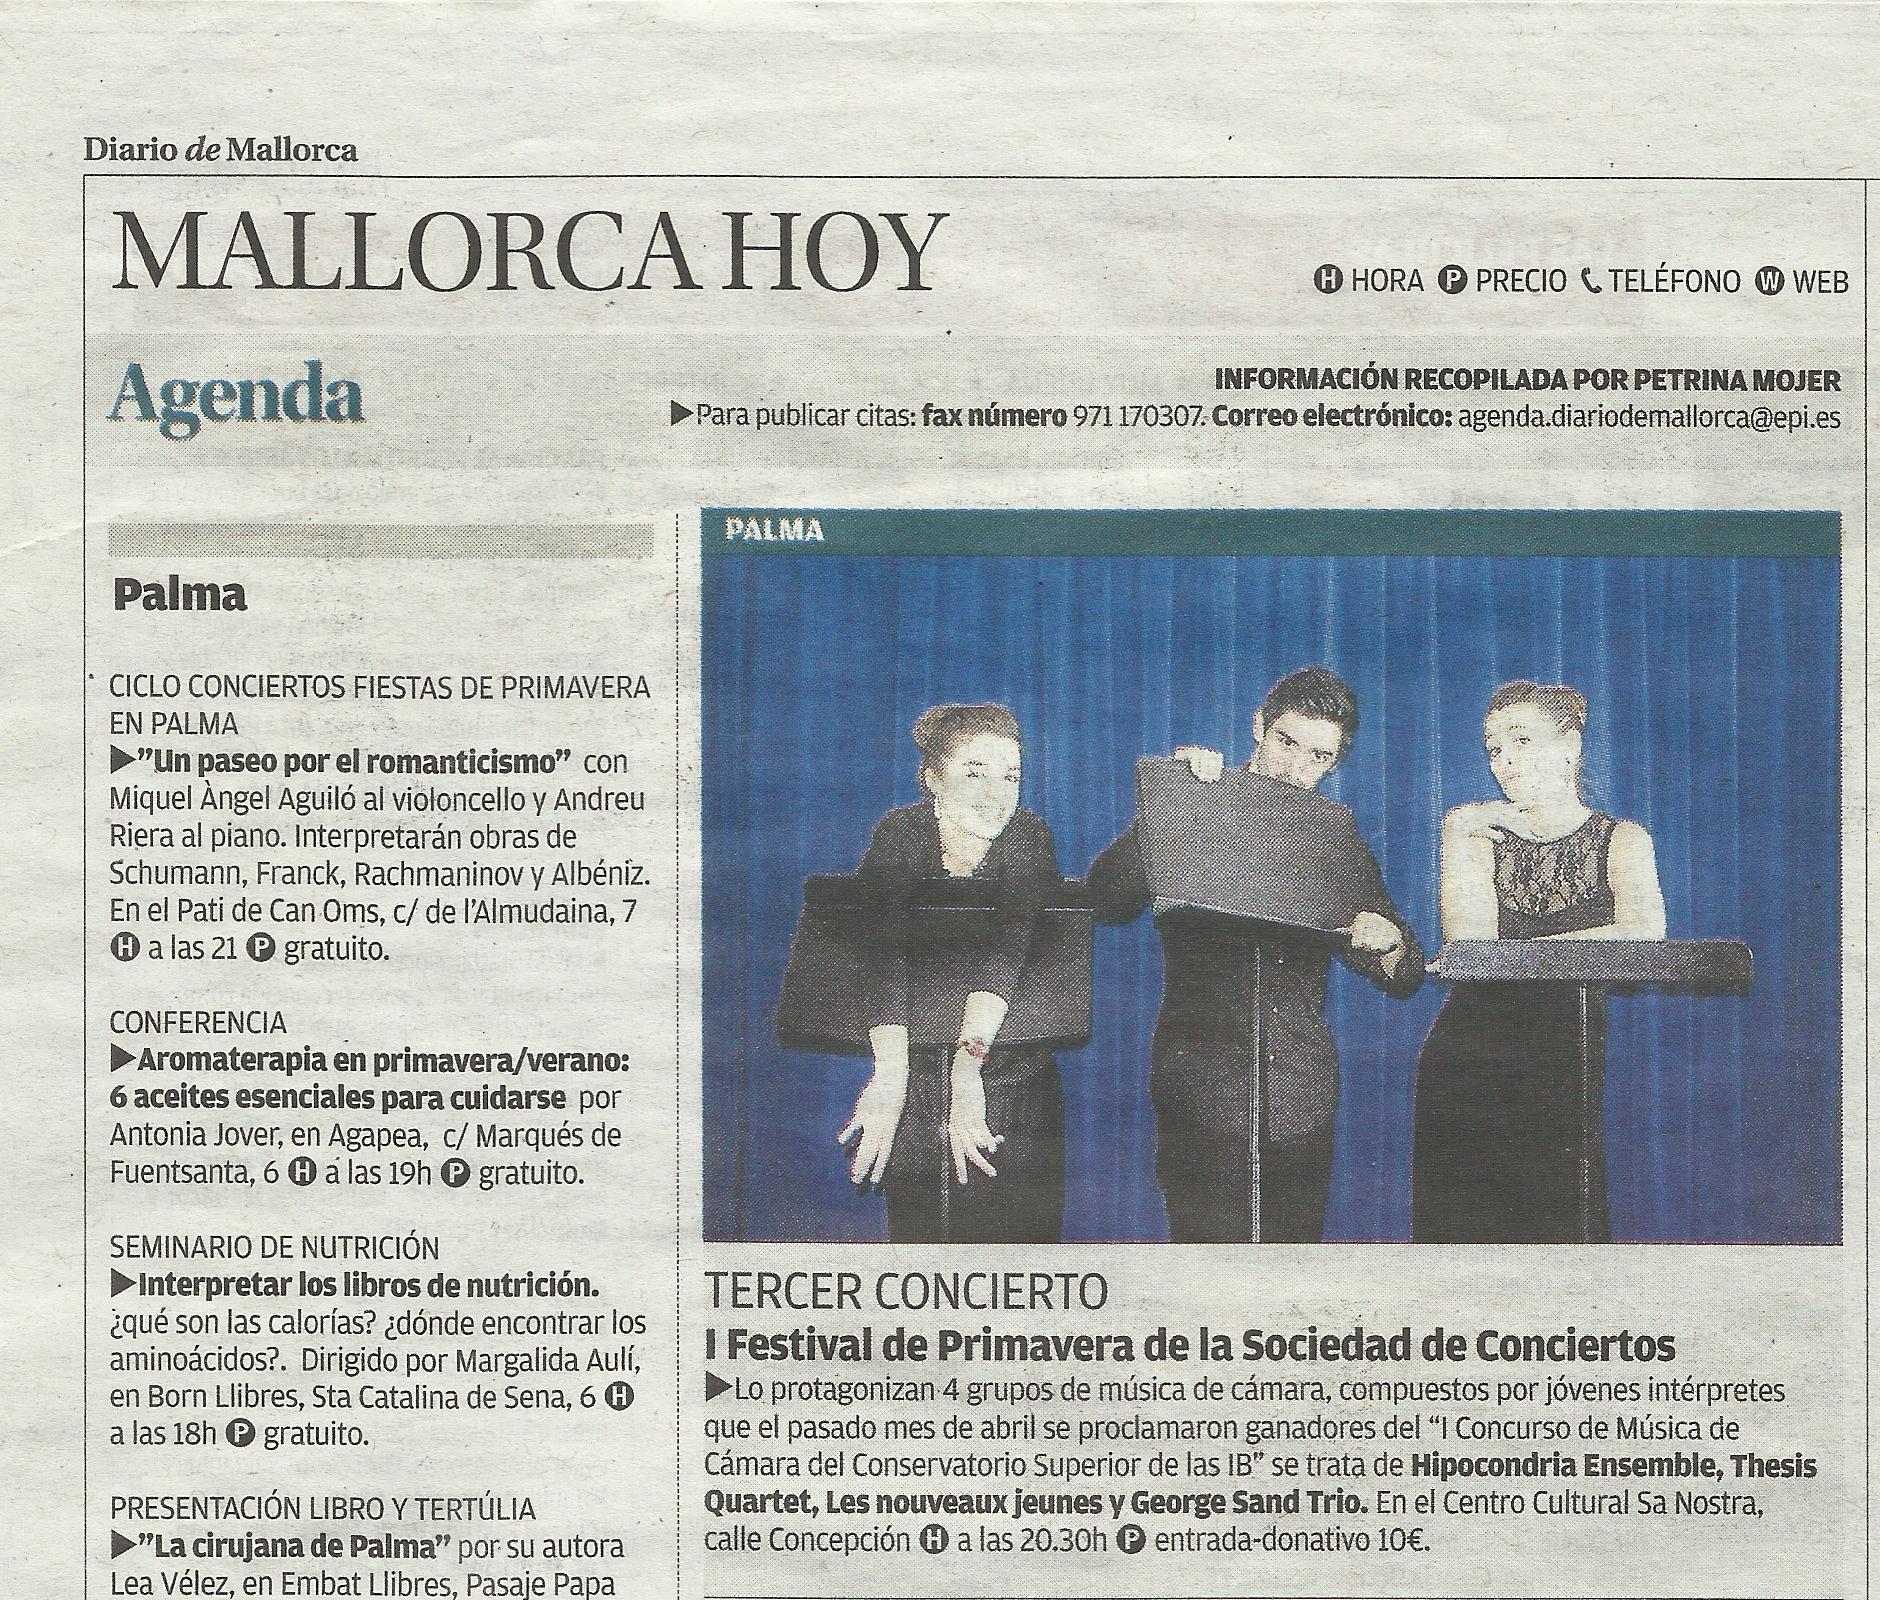 DiarioMallorca 11.05.14